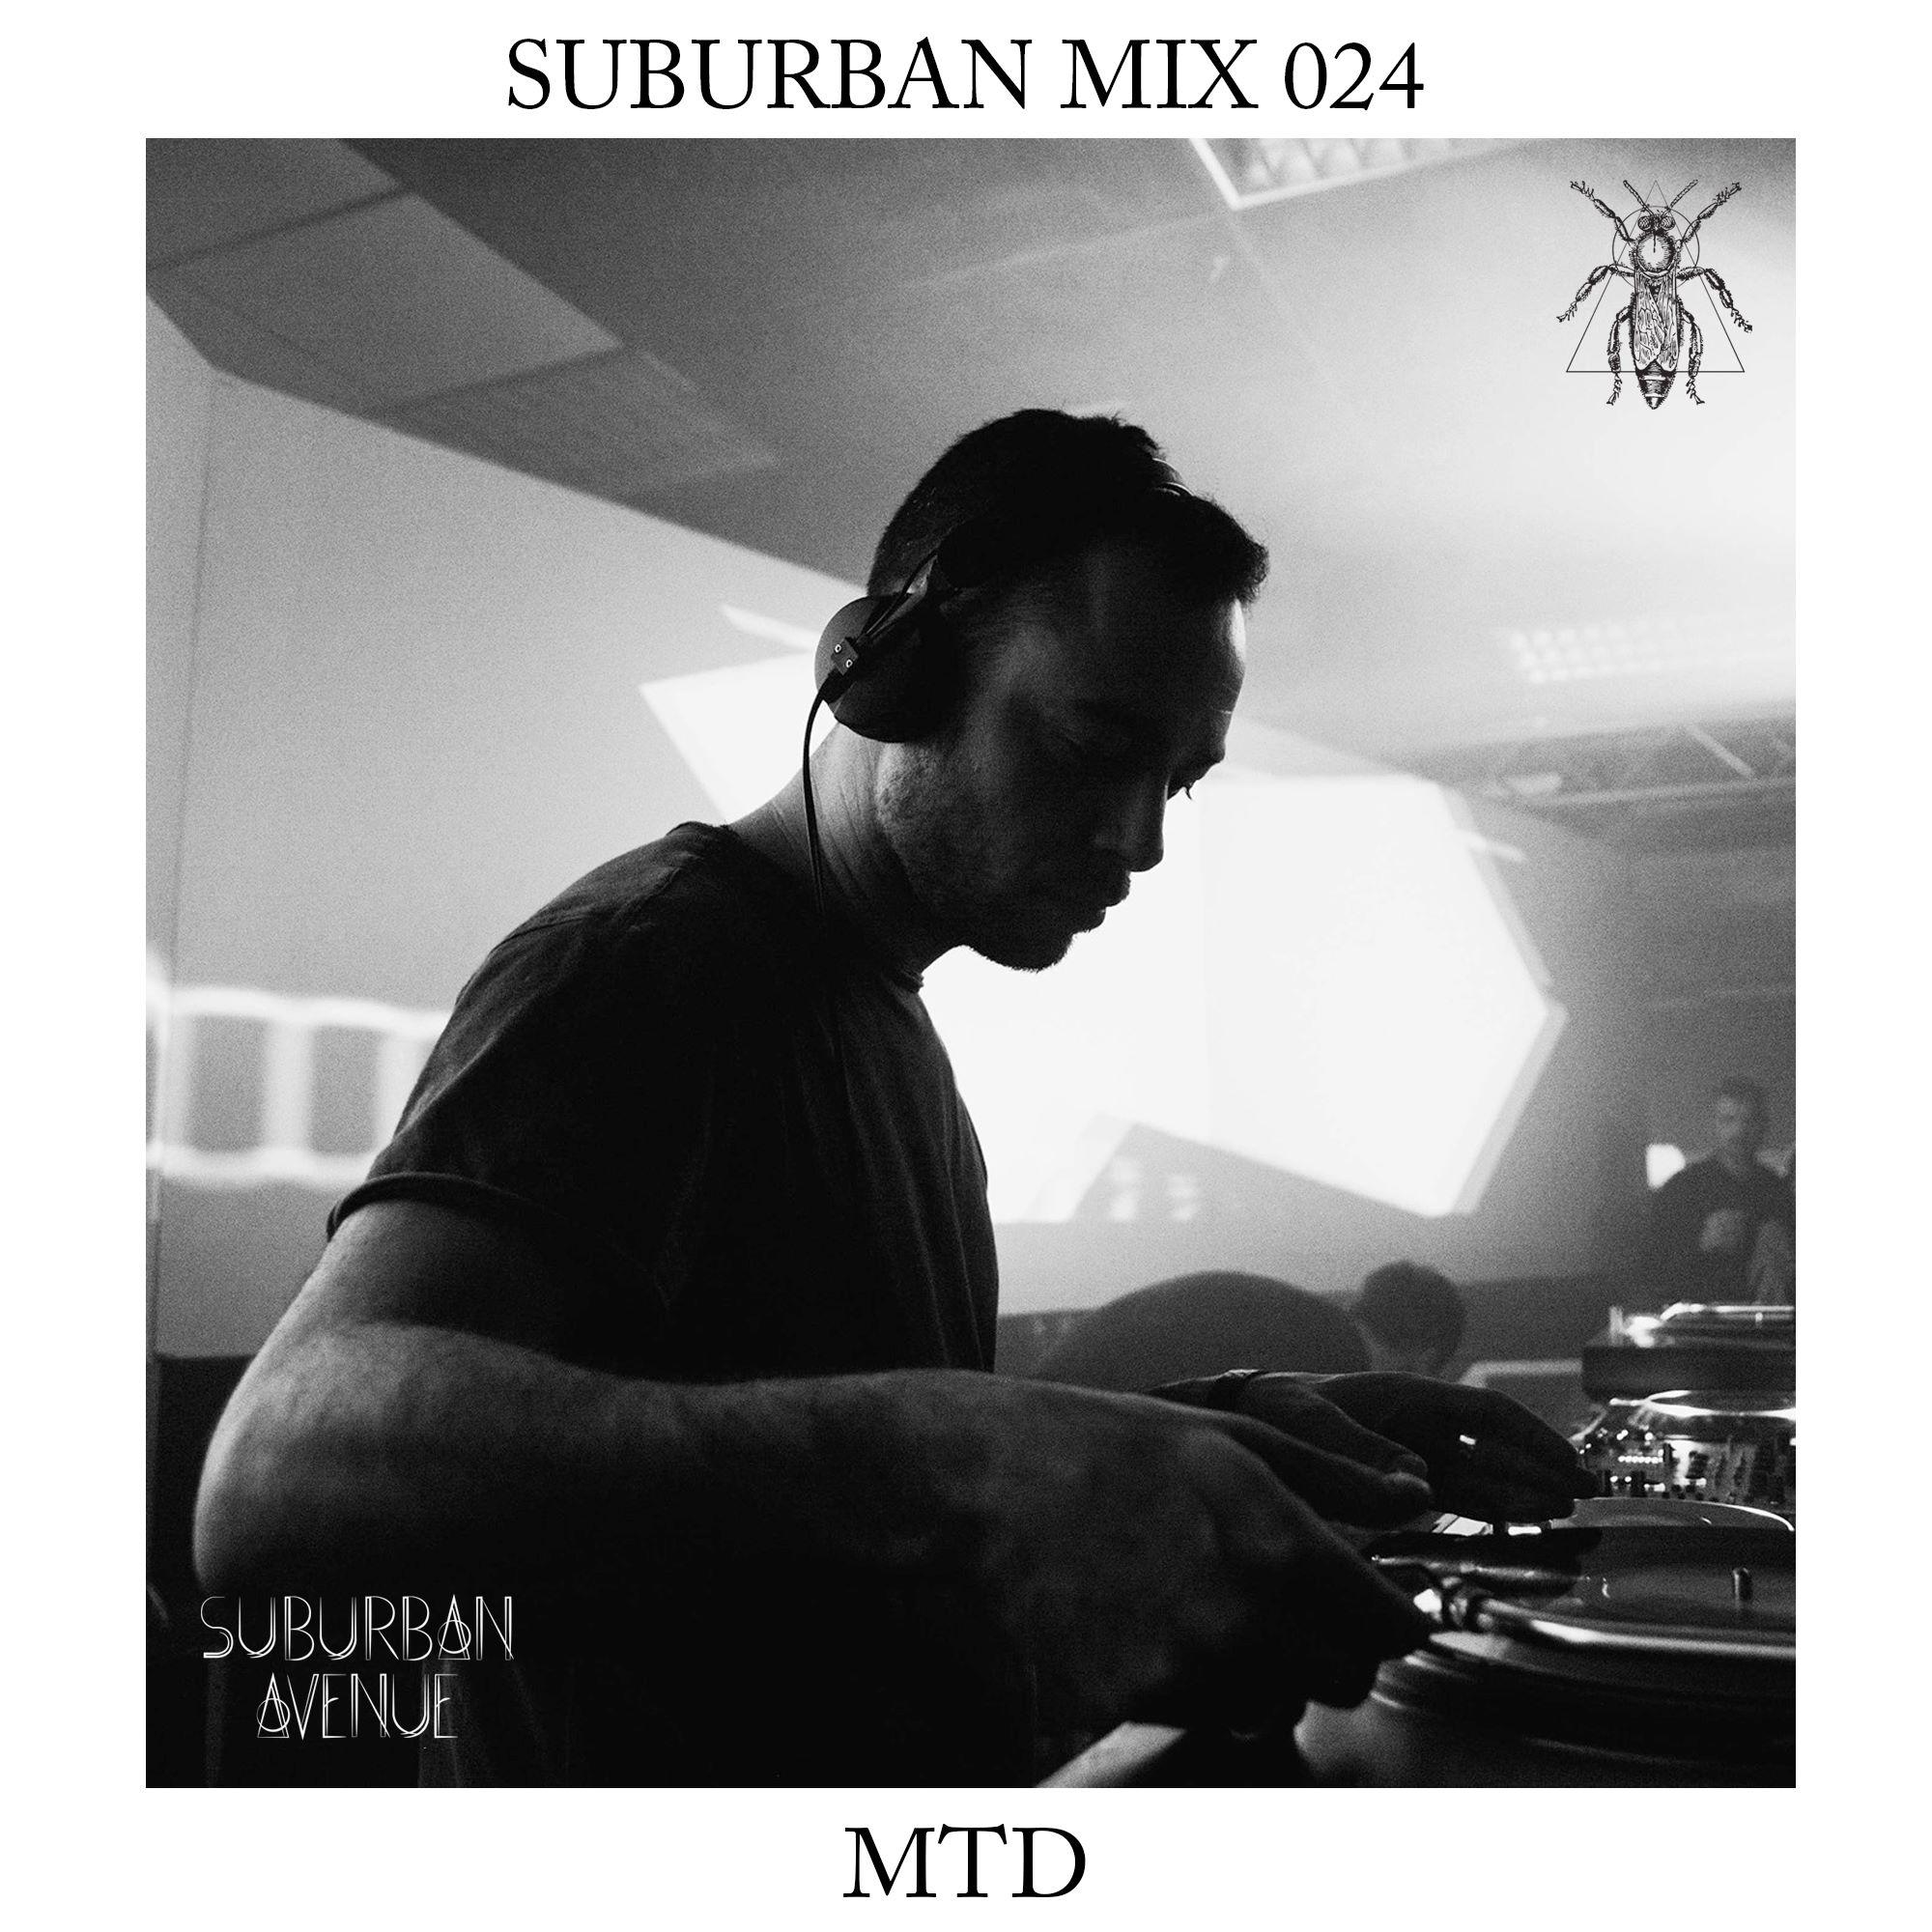 Suburban Mix 024 - MTD